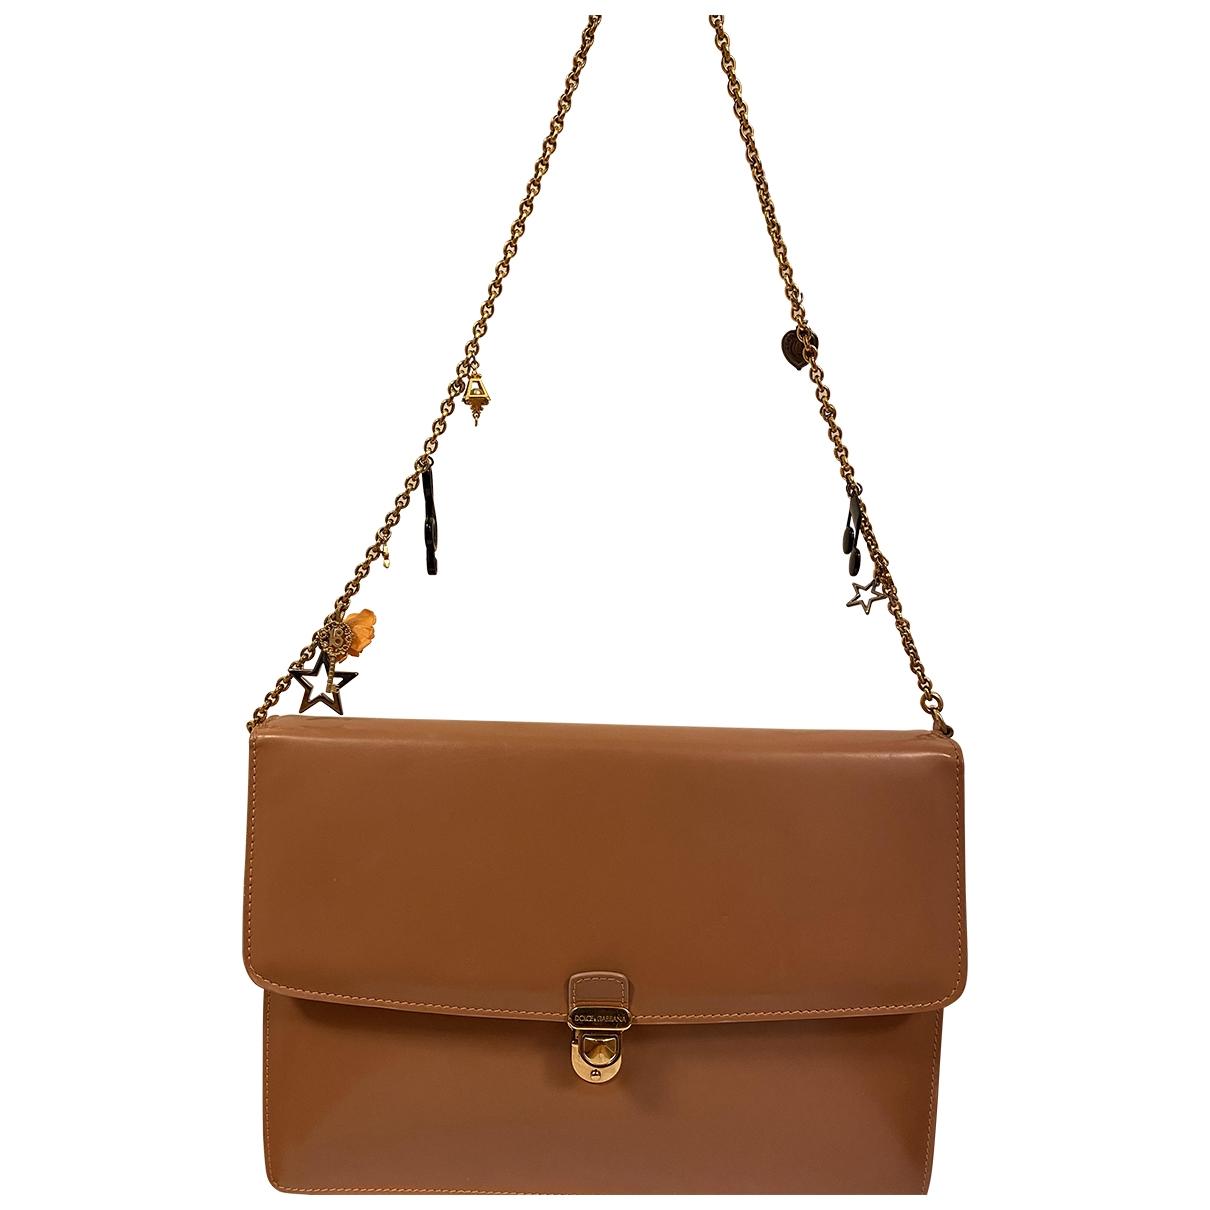 Dolce & Gabbana - Sac a main   pour femme en cuir - beige